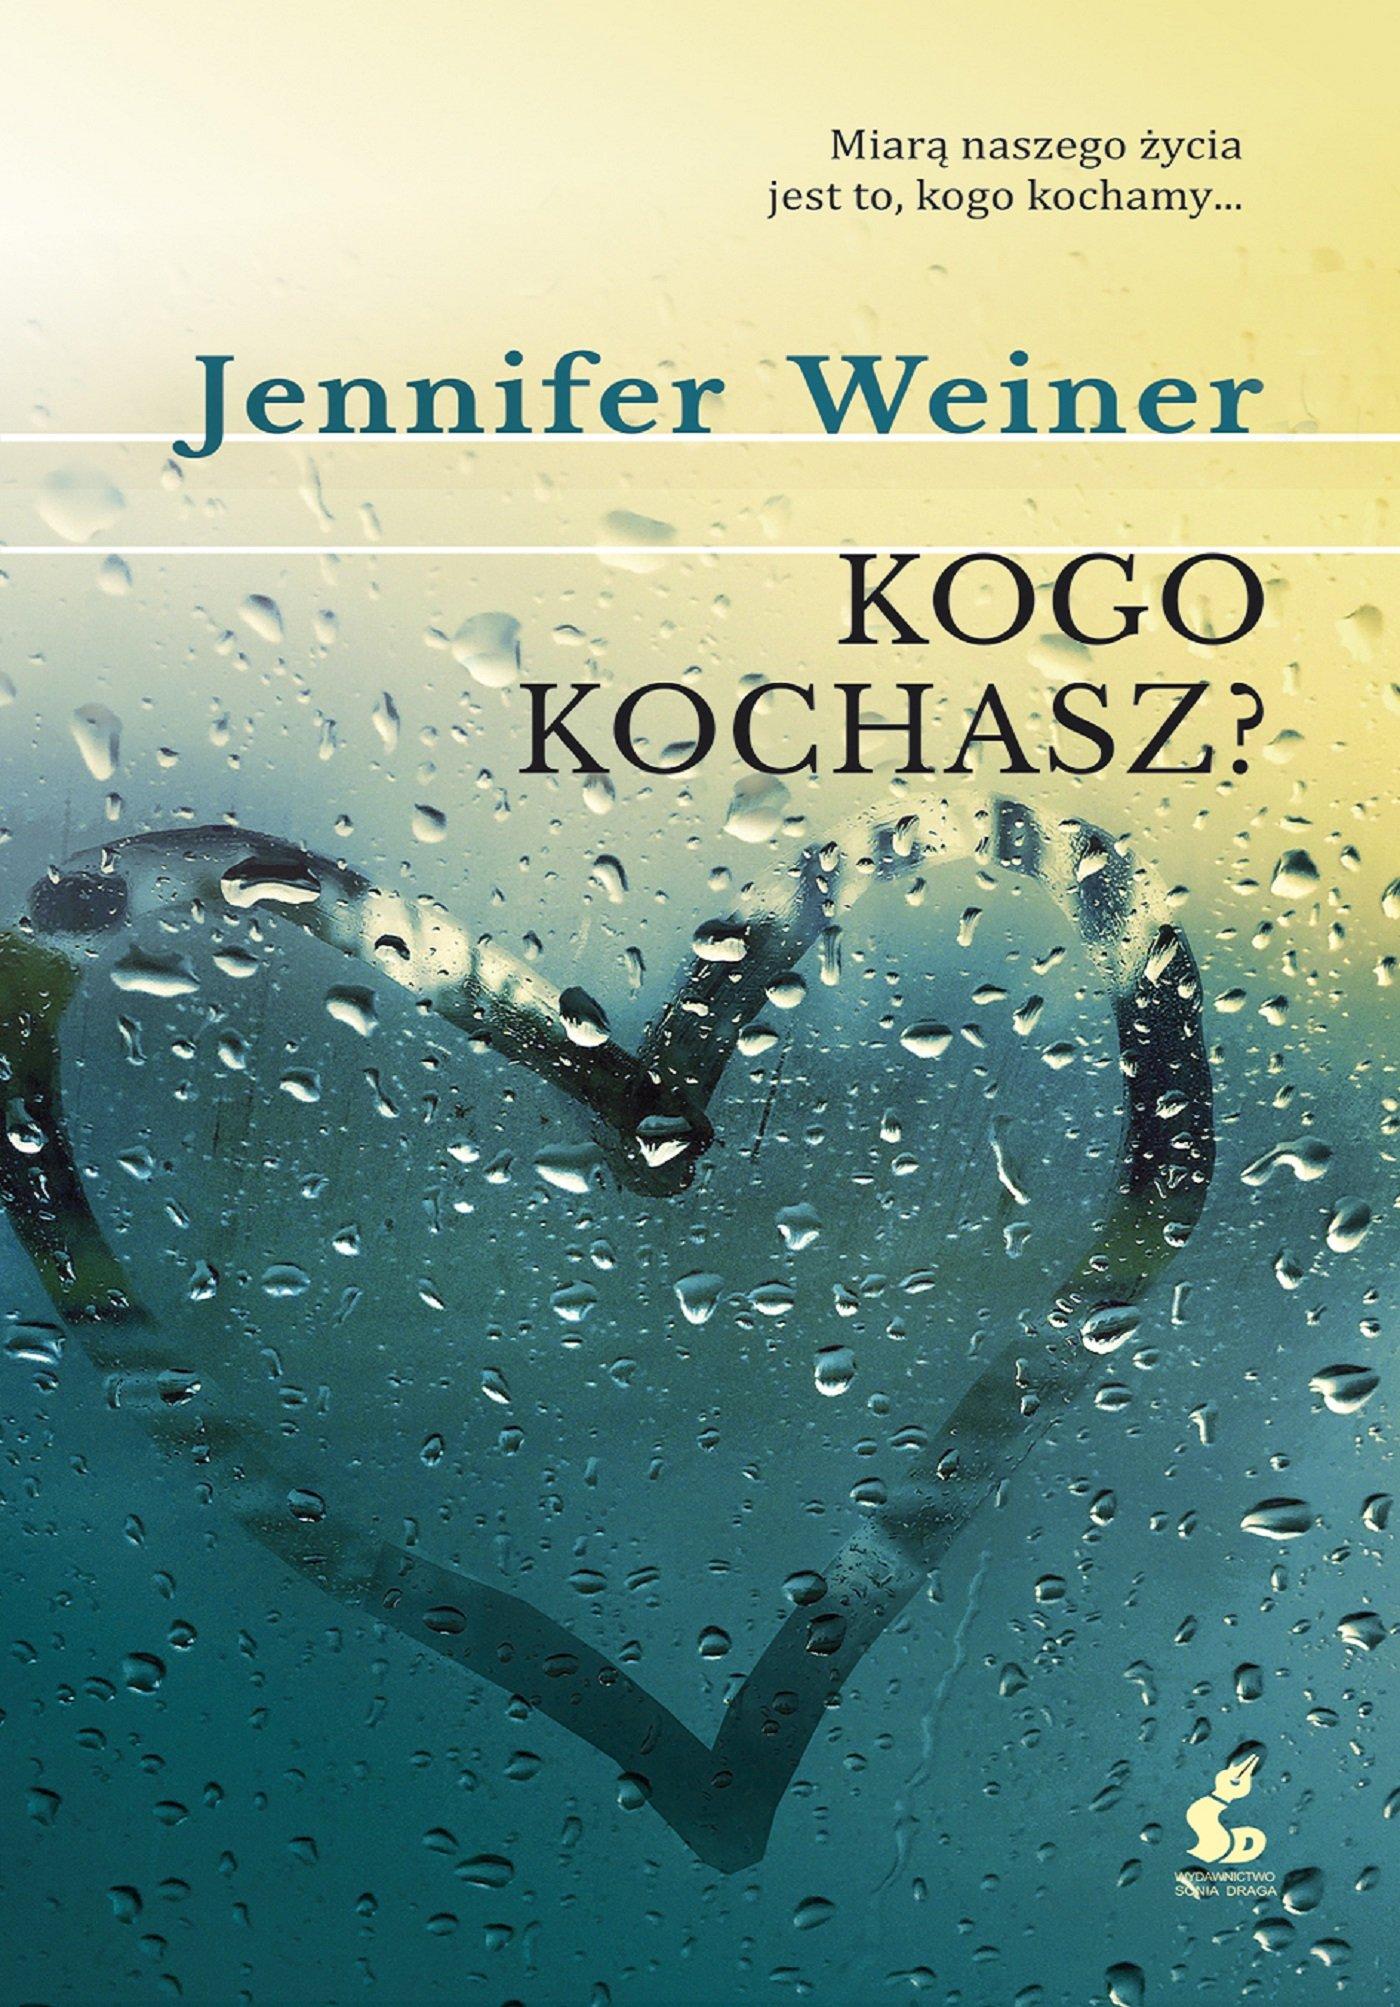 Kogo kochasz? - Ebook (Książka na Kindle) do pobrania w formacie MOBI